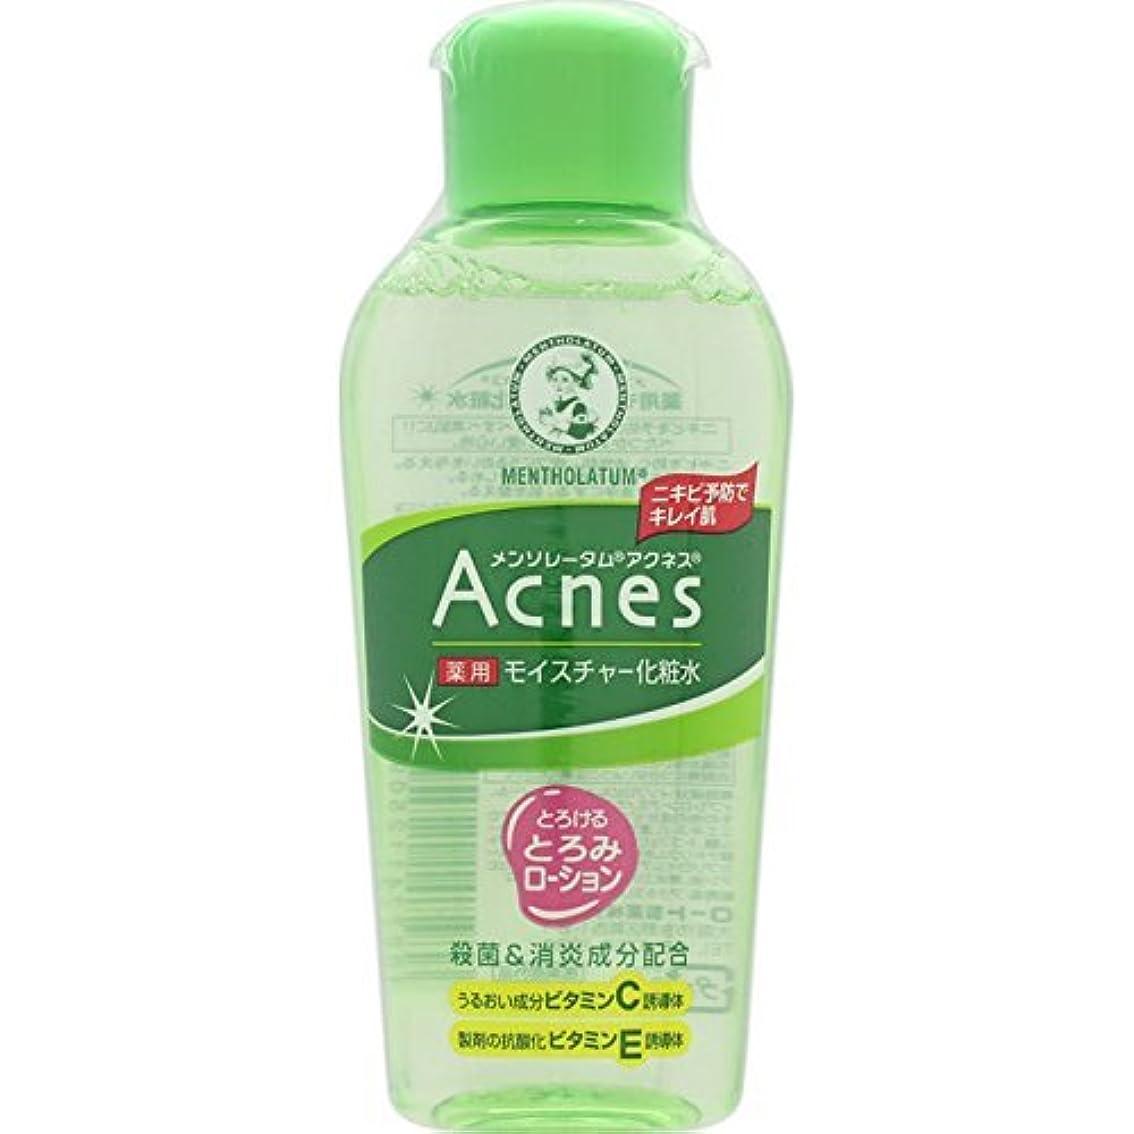 交渉するラベディンカルビルAcnes(アクネス) 薬用モイスチャー化粧水 120mL【医薬部外品】